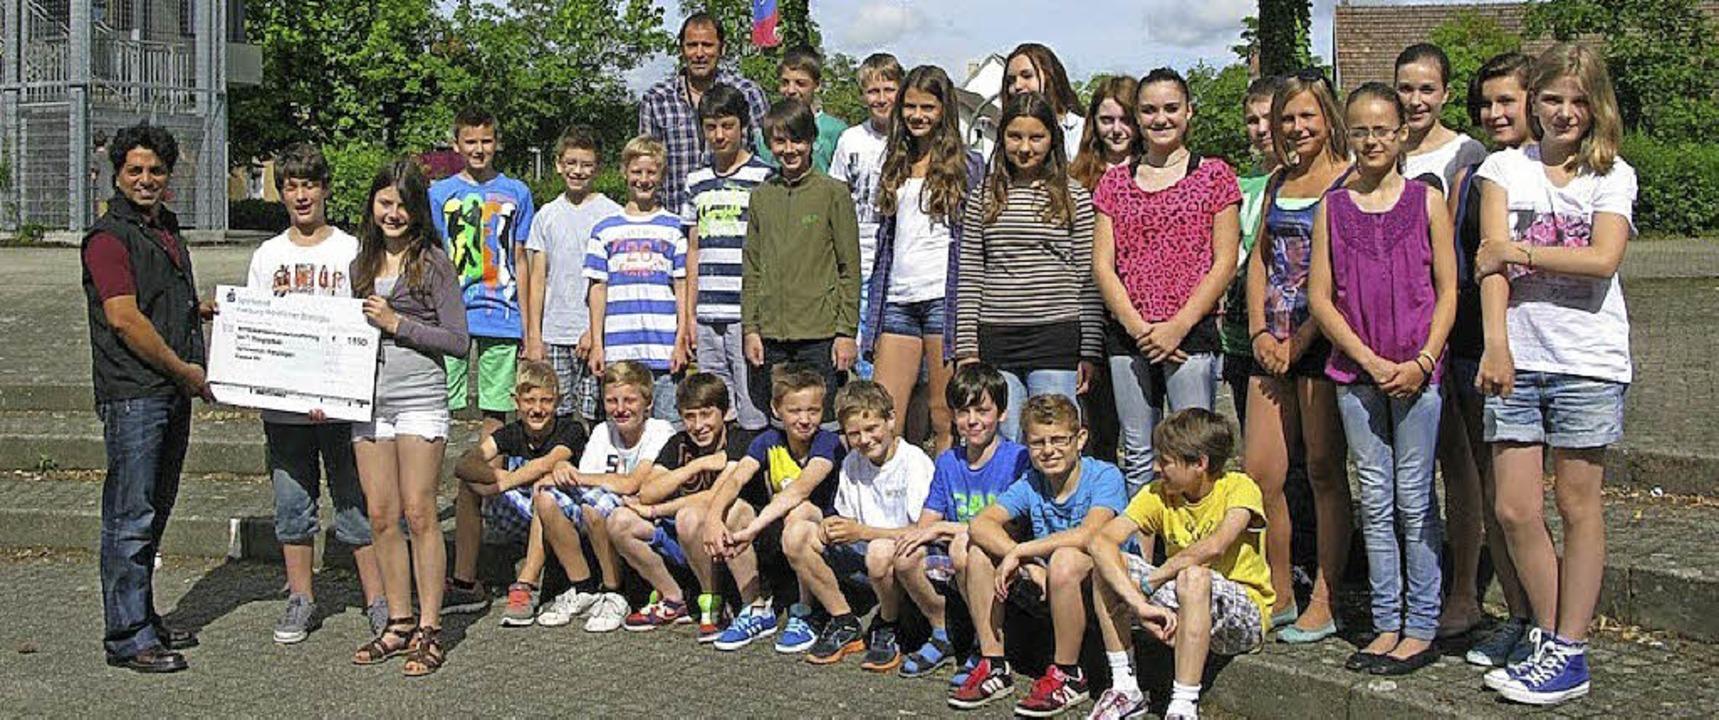 1150 Euro erbrachte die  Spendenaktion der Schüler.  | Foto: Privat